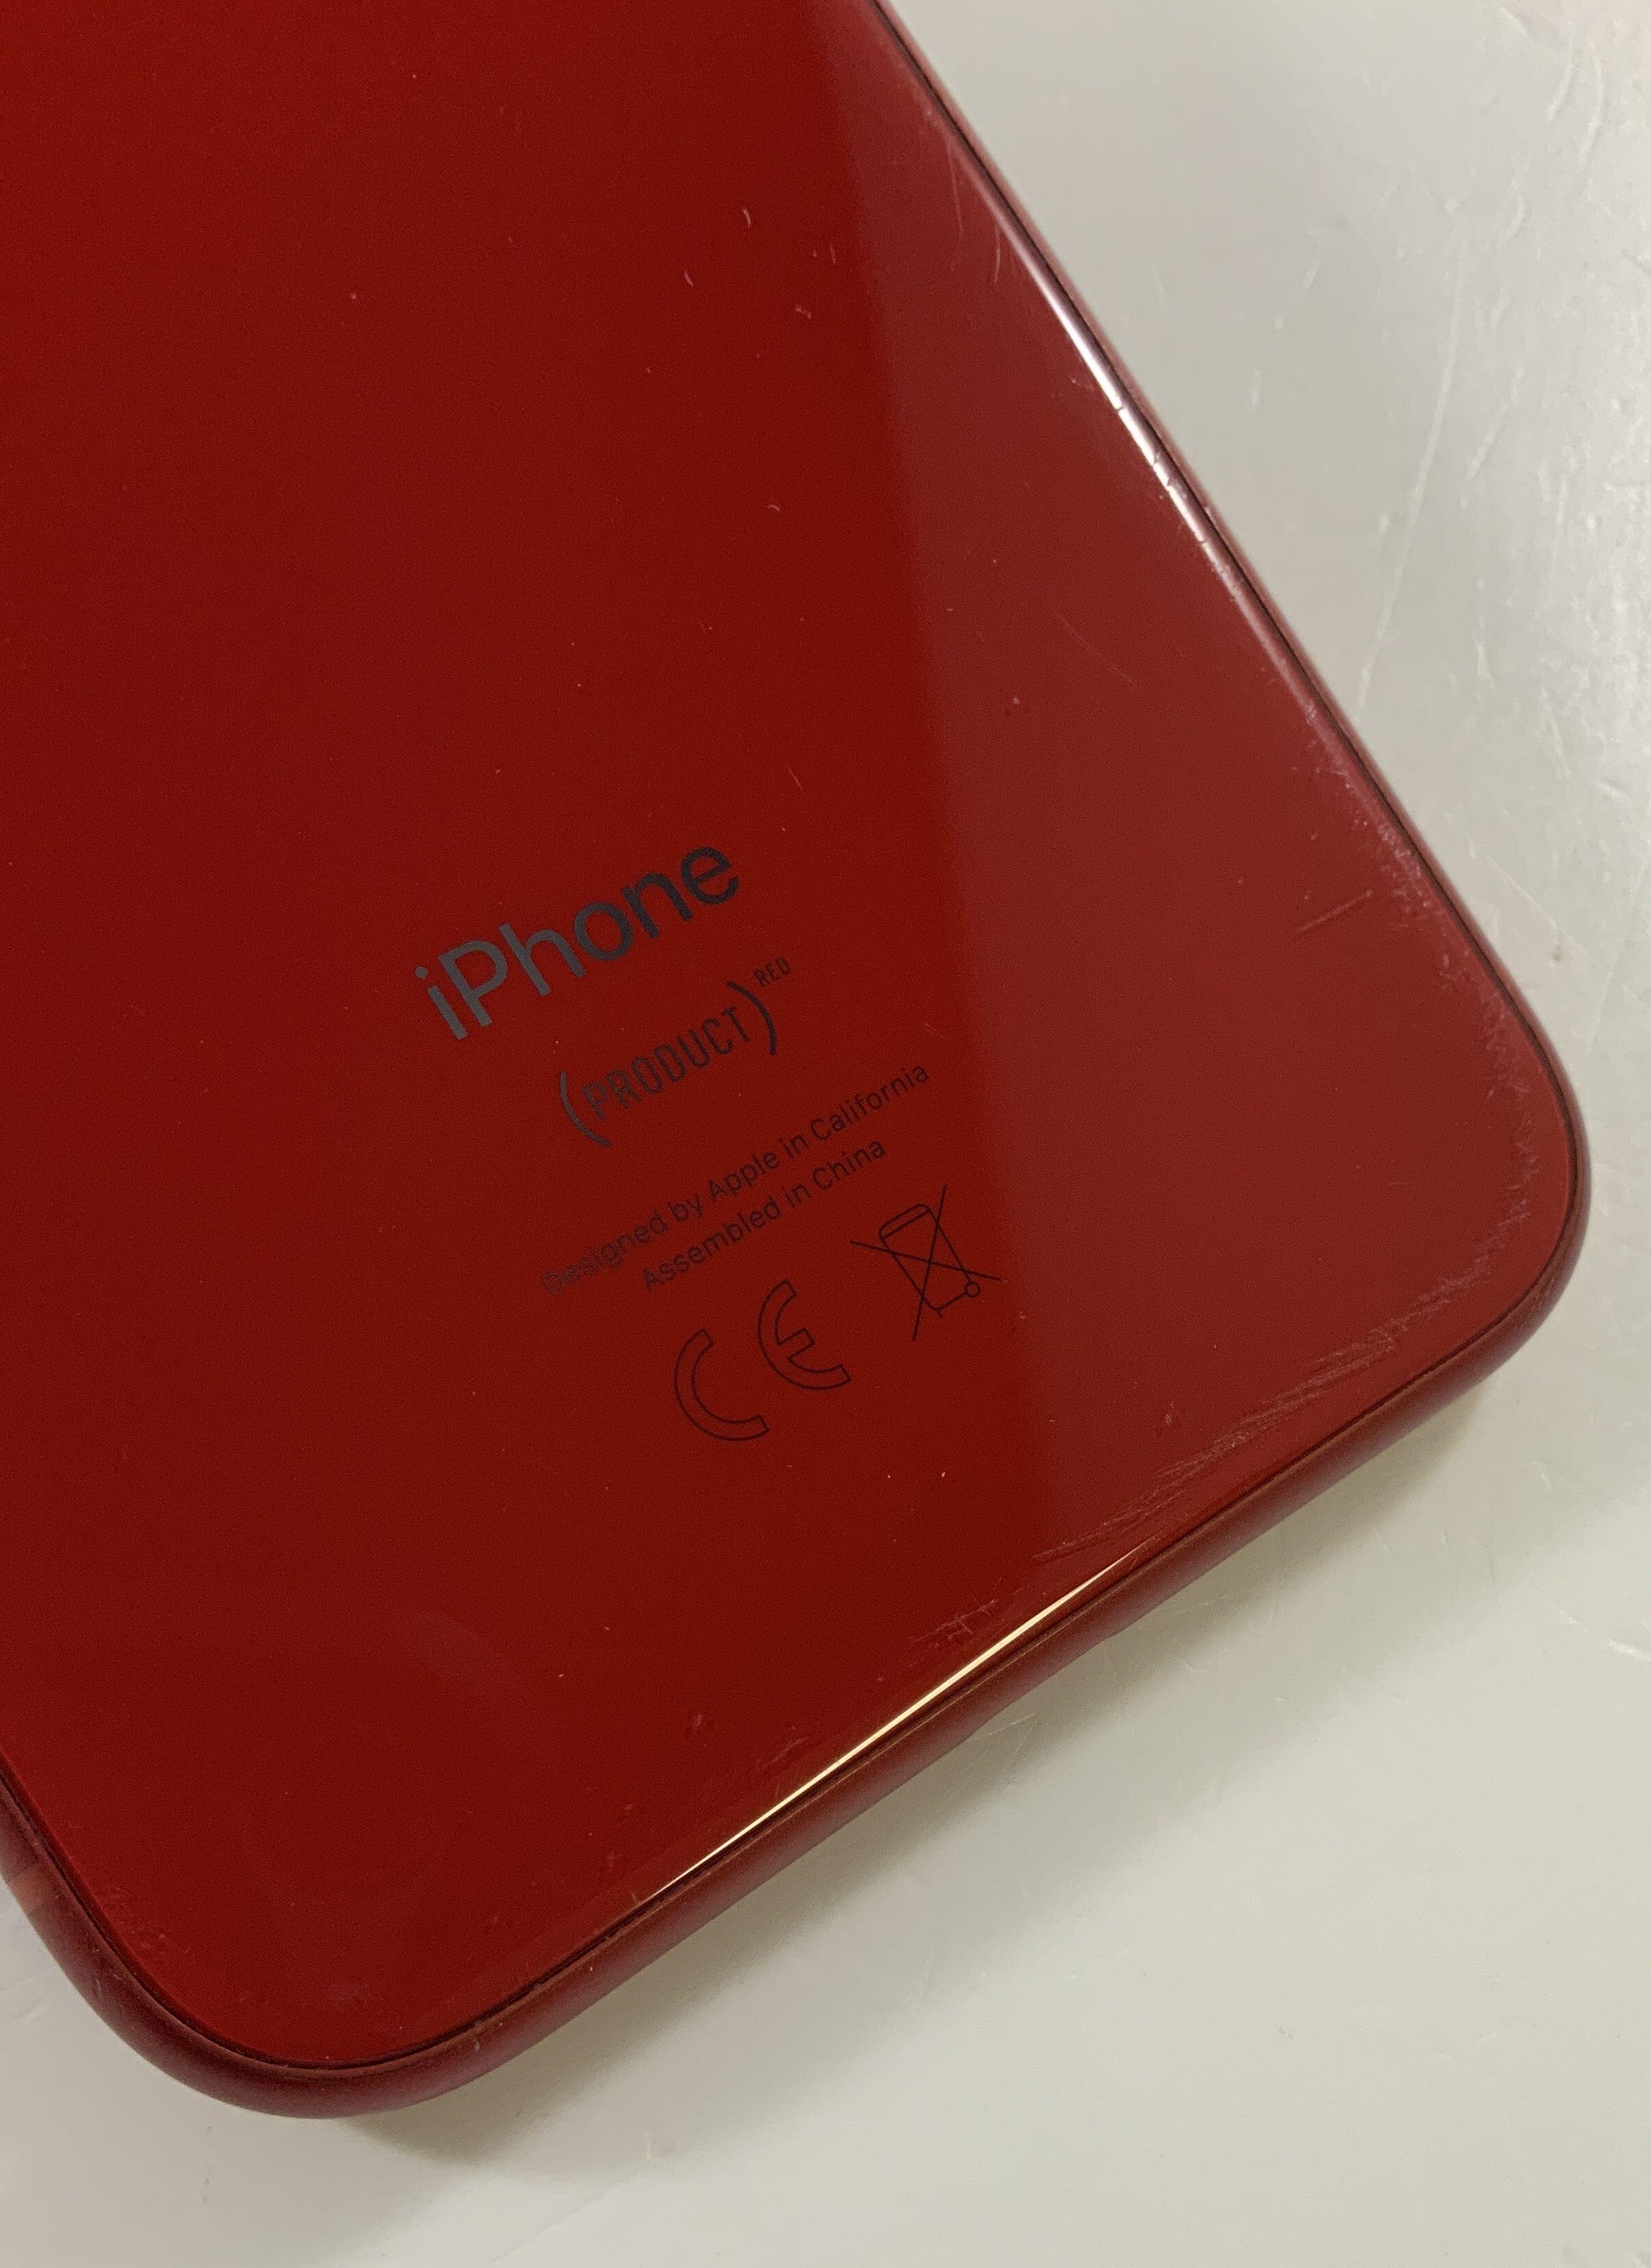 iPhone XR 256GB, 256GB, Red, Bild 4